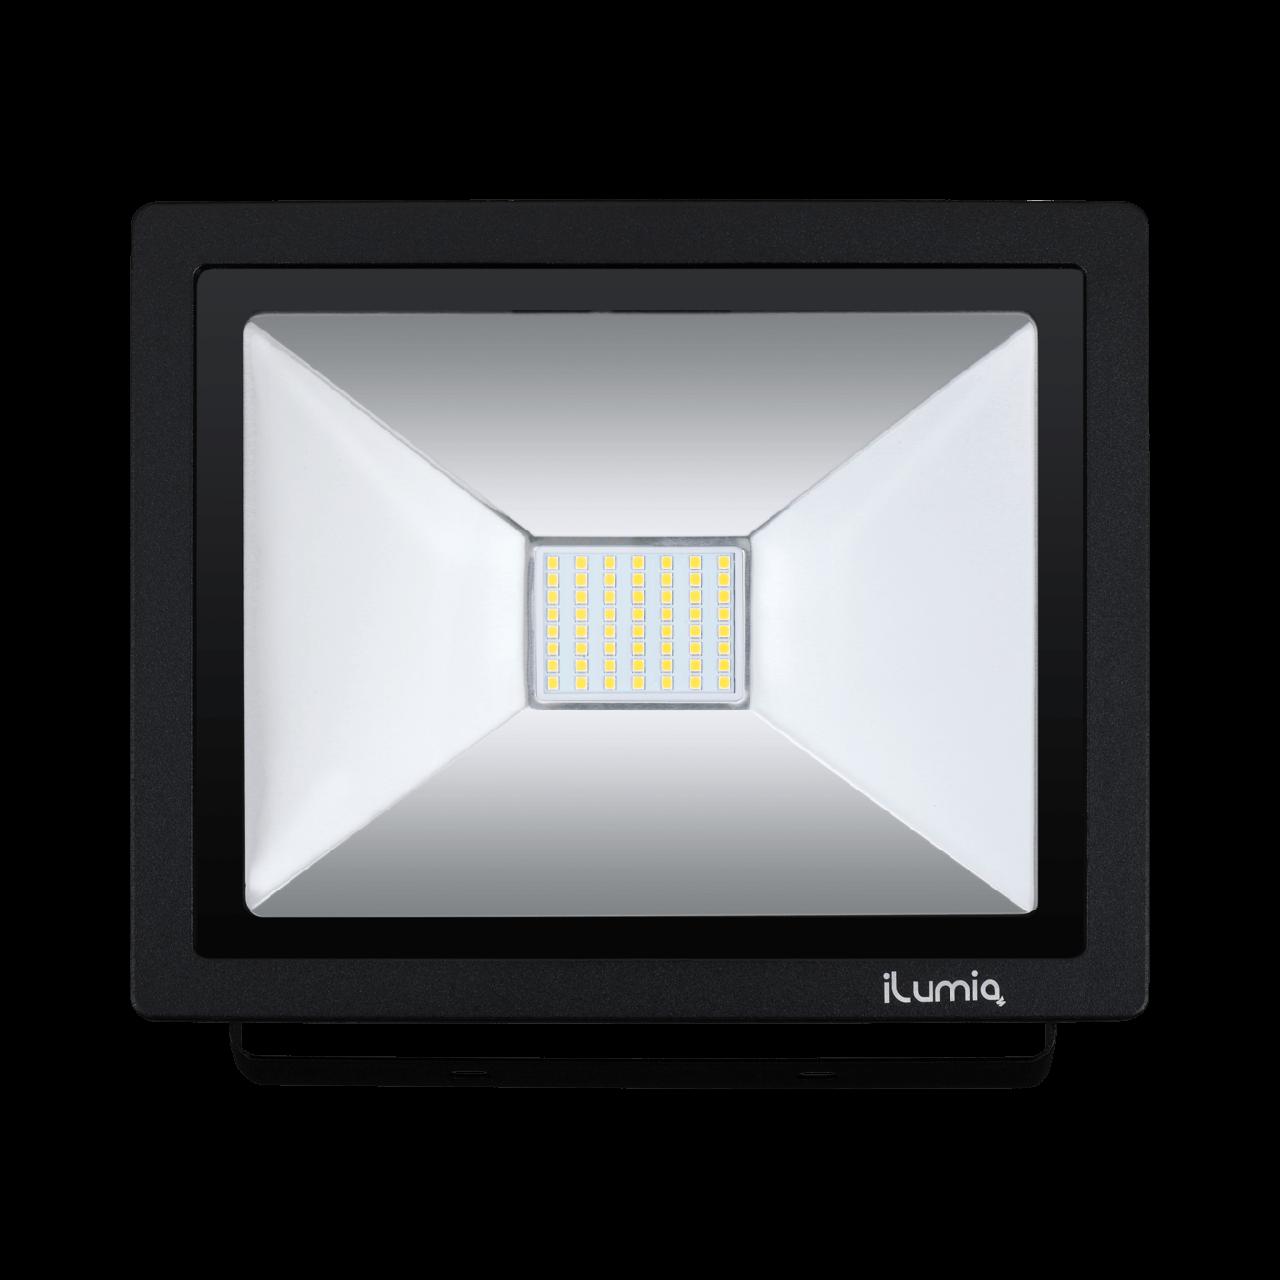 Светодиодный прожектор 50W 4000K iLumia